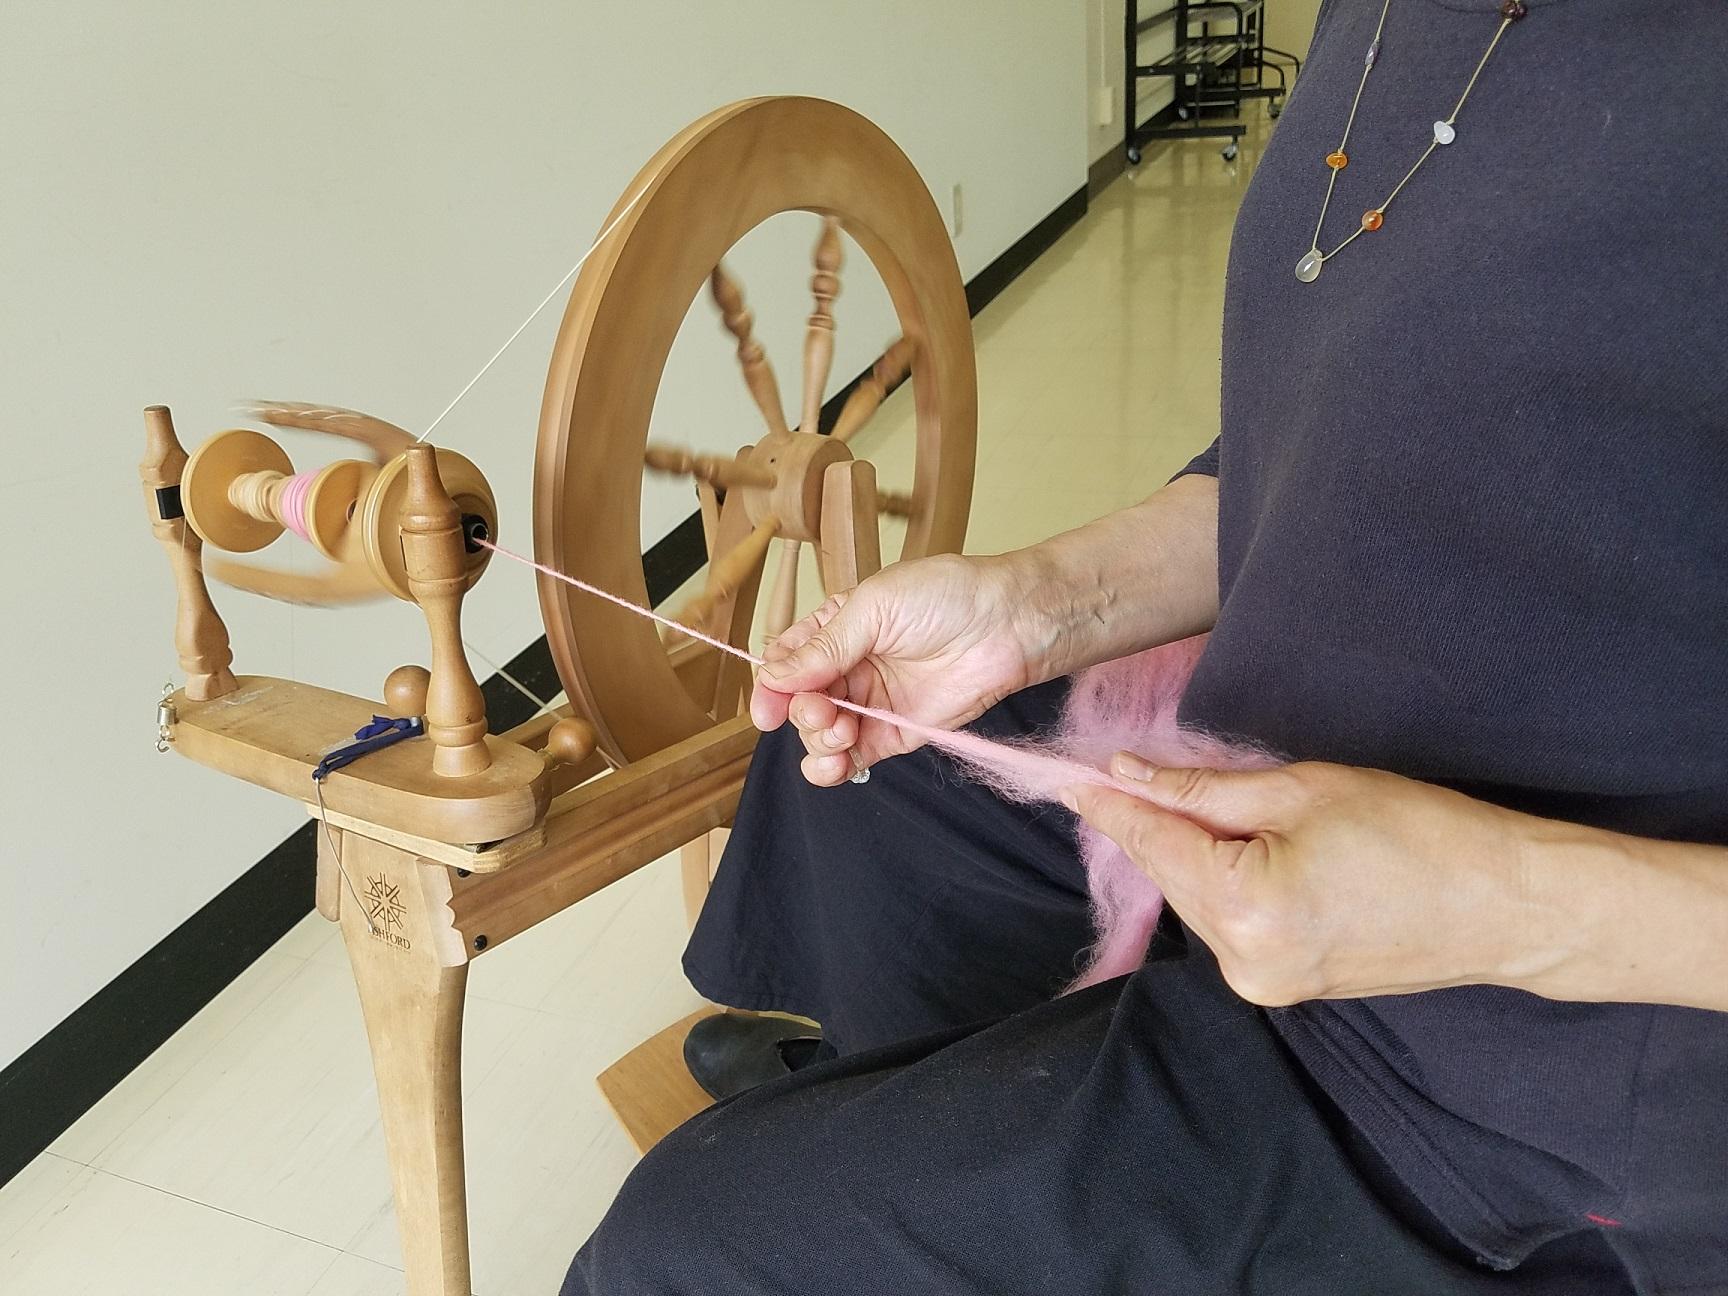 毛糸を紡いで織るマフラー